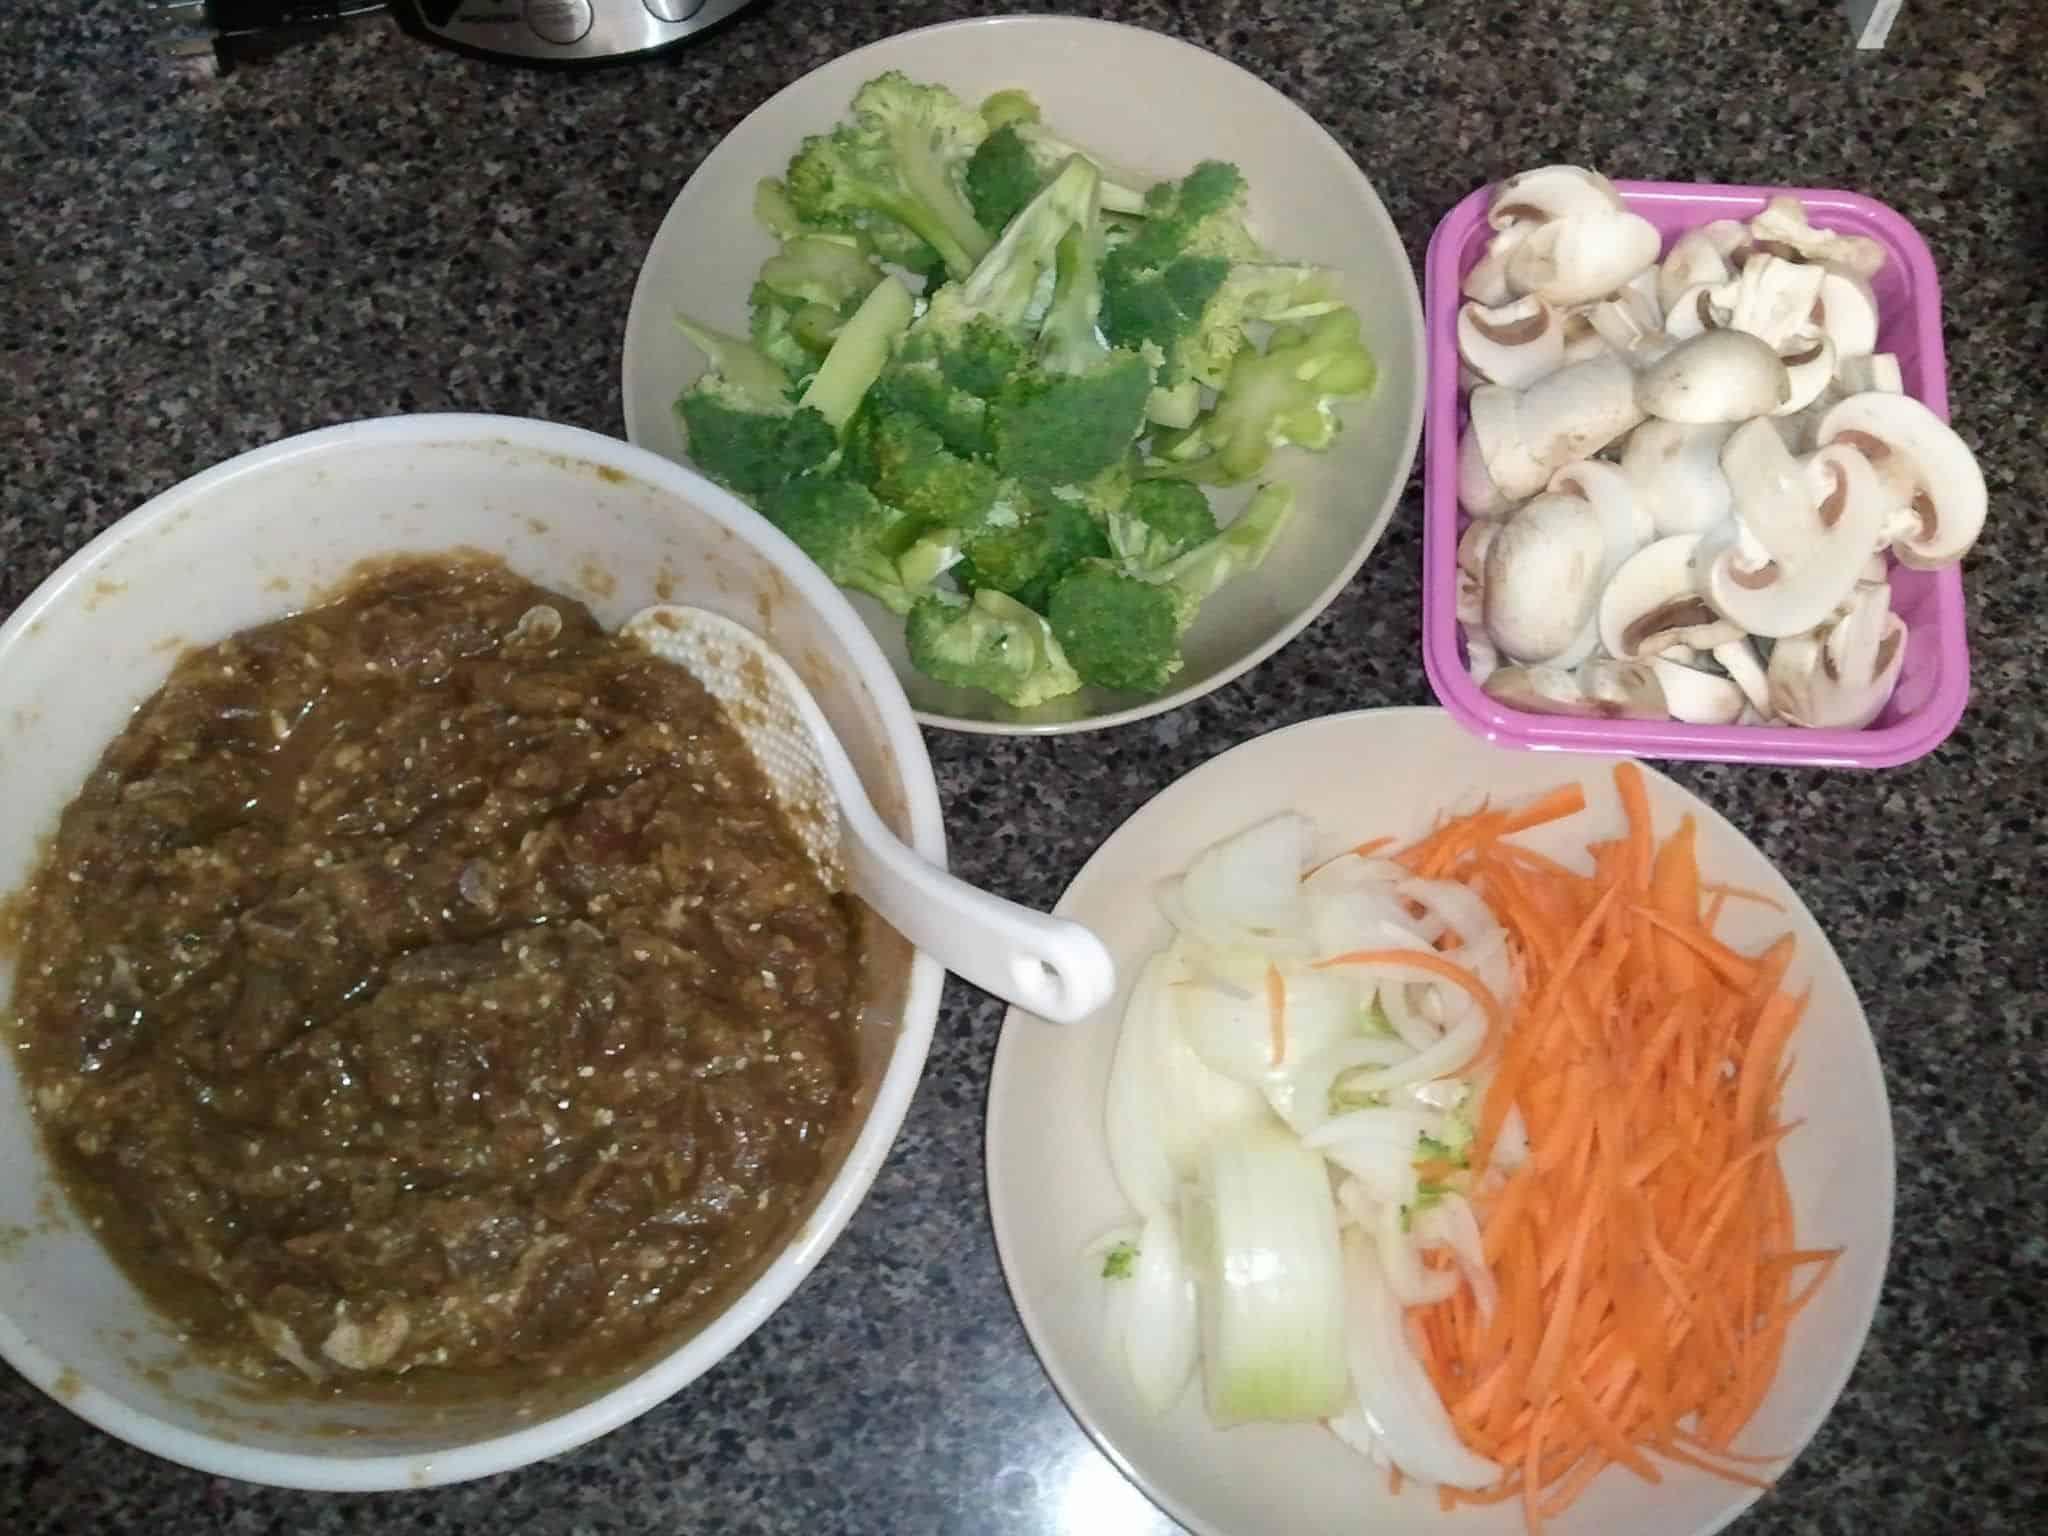 Korean food photo: Bulgogi and Vegetables - Maangchi.com